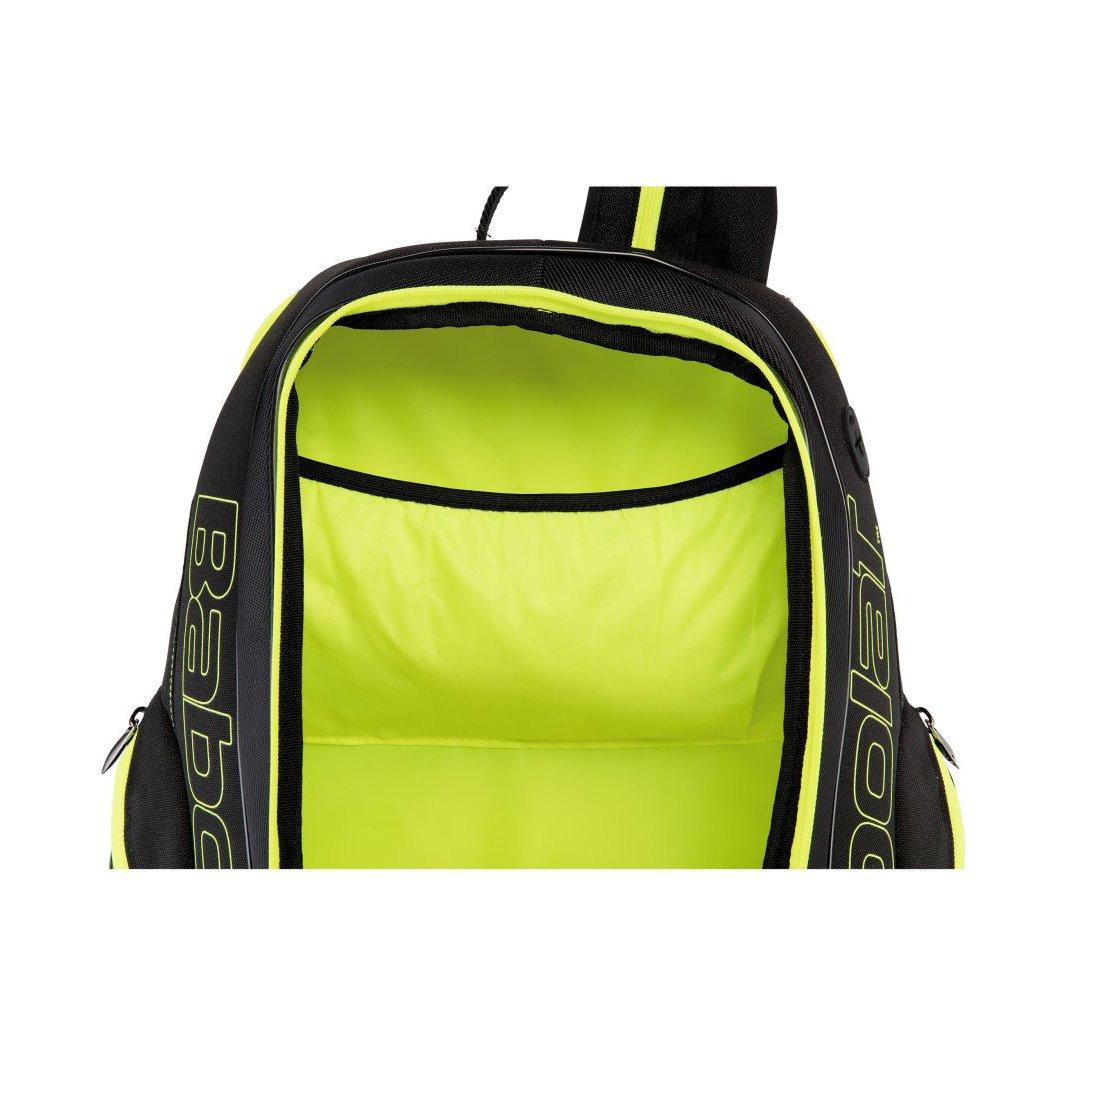 Babolat Pure Backpack Babolat Unisex Pure Backpack Blue/White One Size 753047